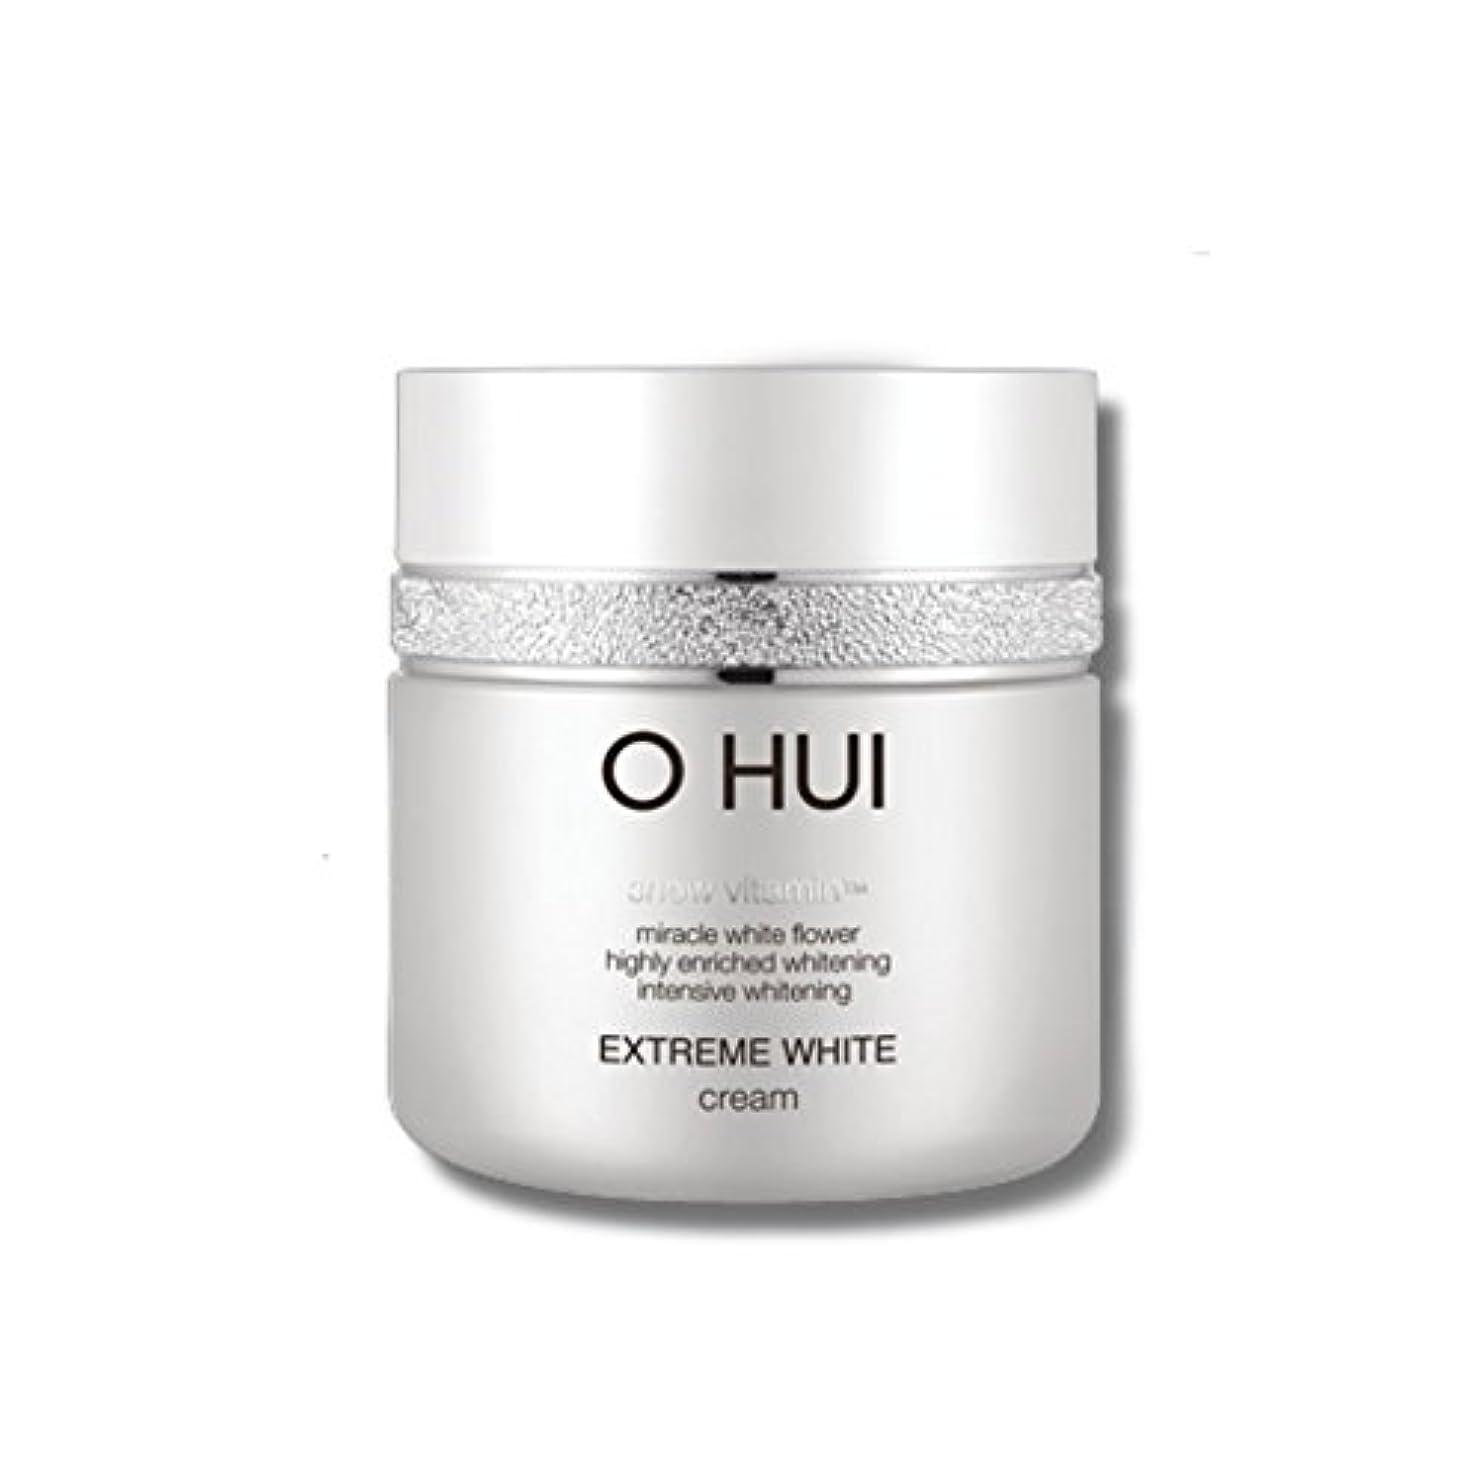 かご精神的に嵐OHUI Extreme White Cream 50ml/オフィ エクストリーム ホワイト クリーム 50ml [並行輸入品]